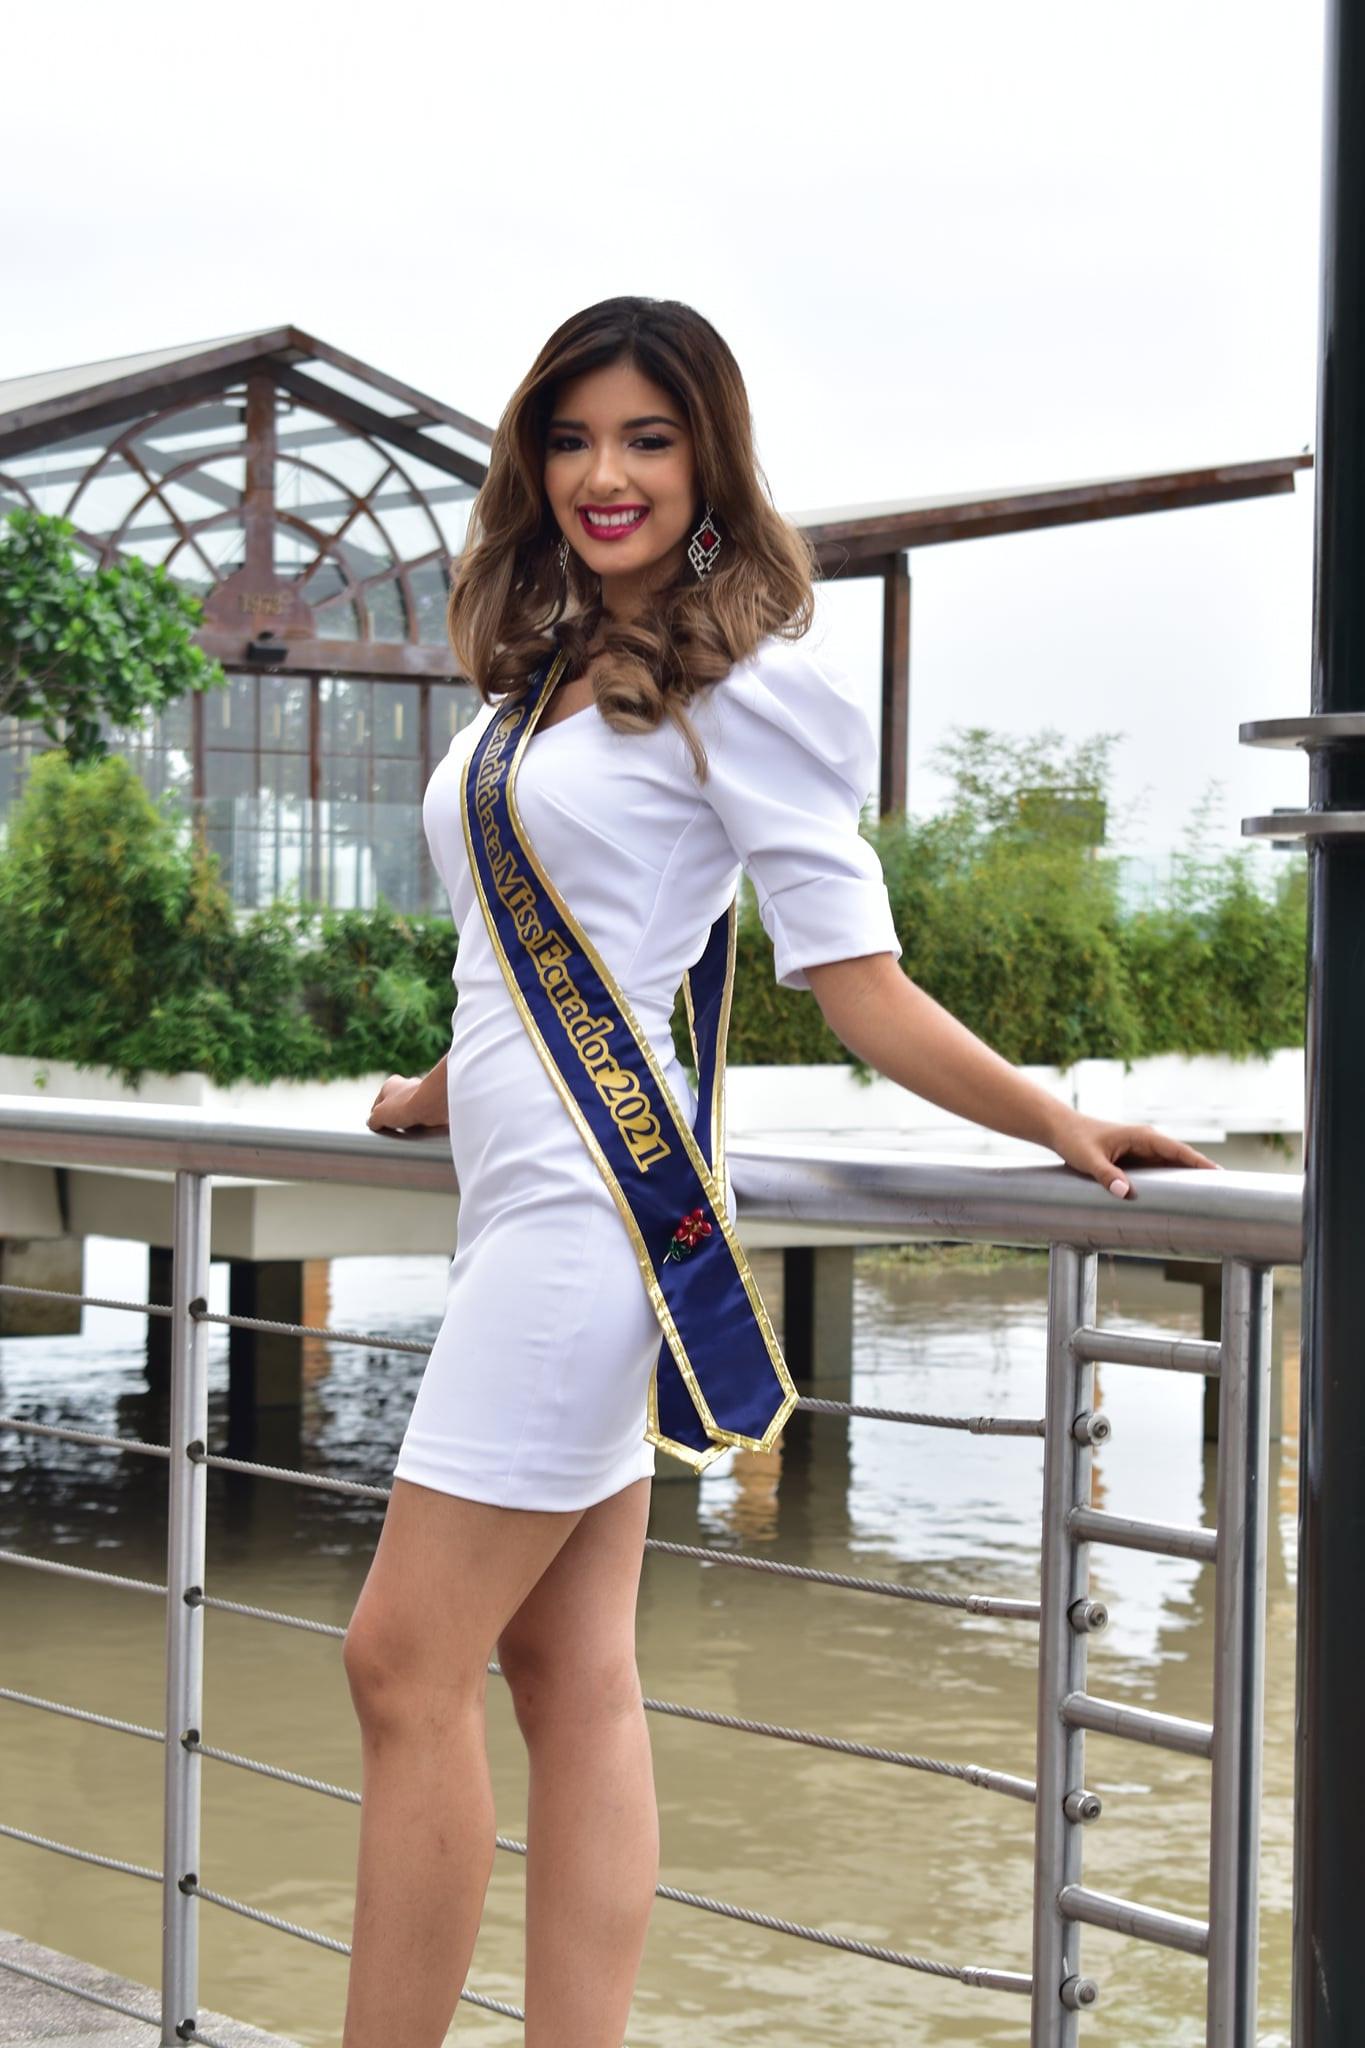 candidatas a miss ecuador 2021. final: 11 sept. - Página 2 AGHfV4